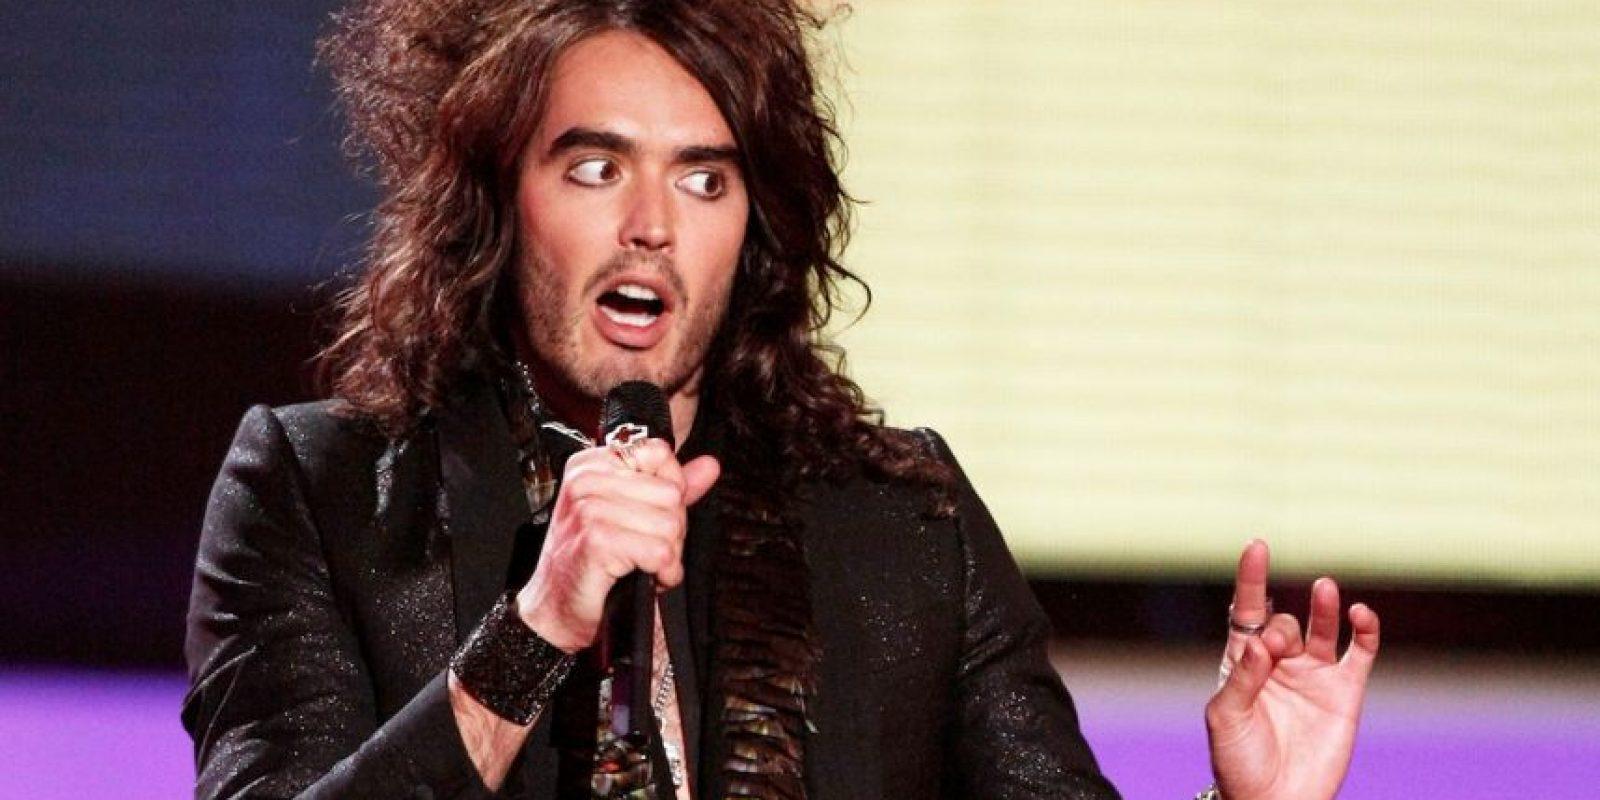 El comediante es la celebridad con mayor influencia negativa con el 46% de los votos. Foto:Getty Images